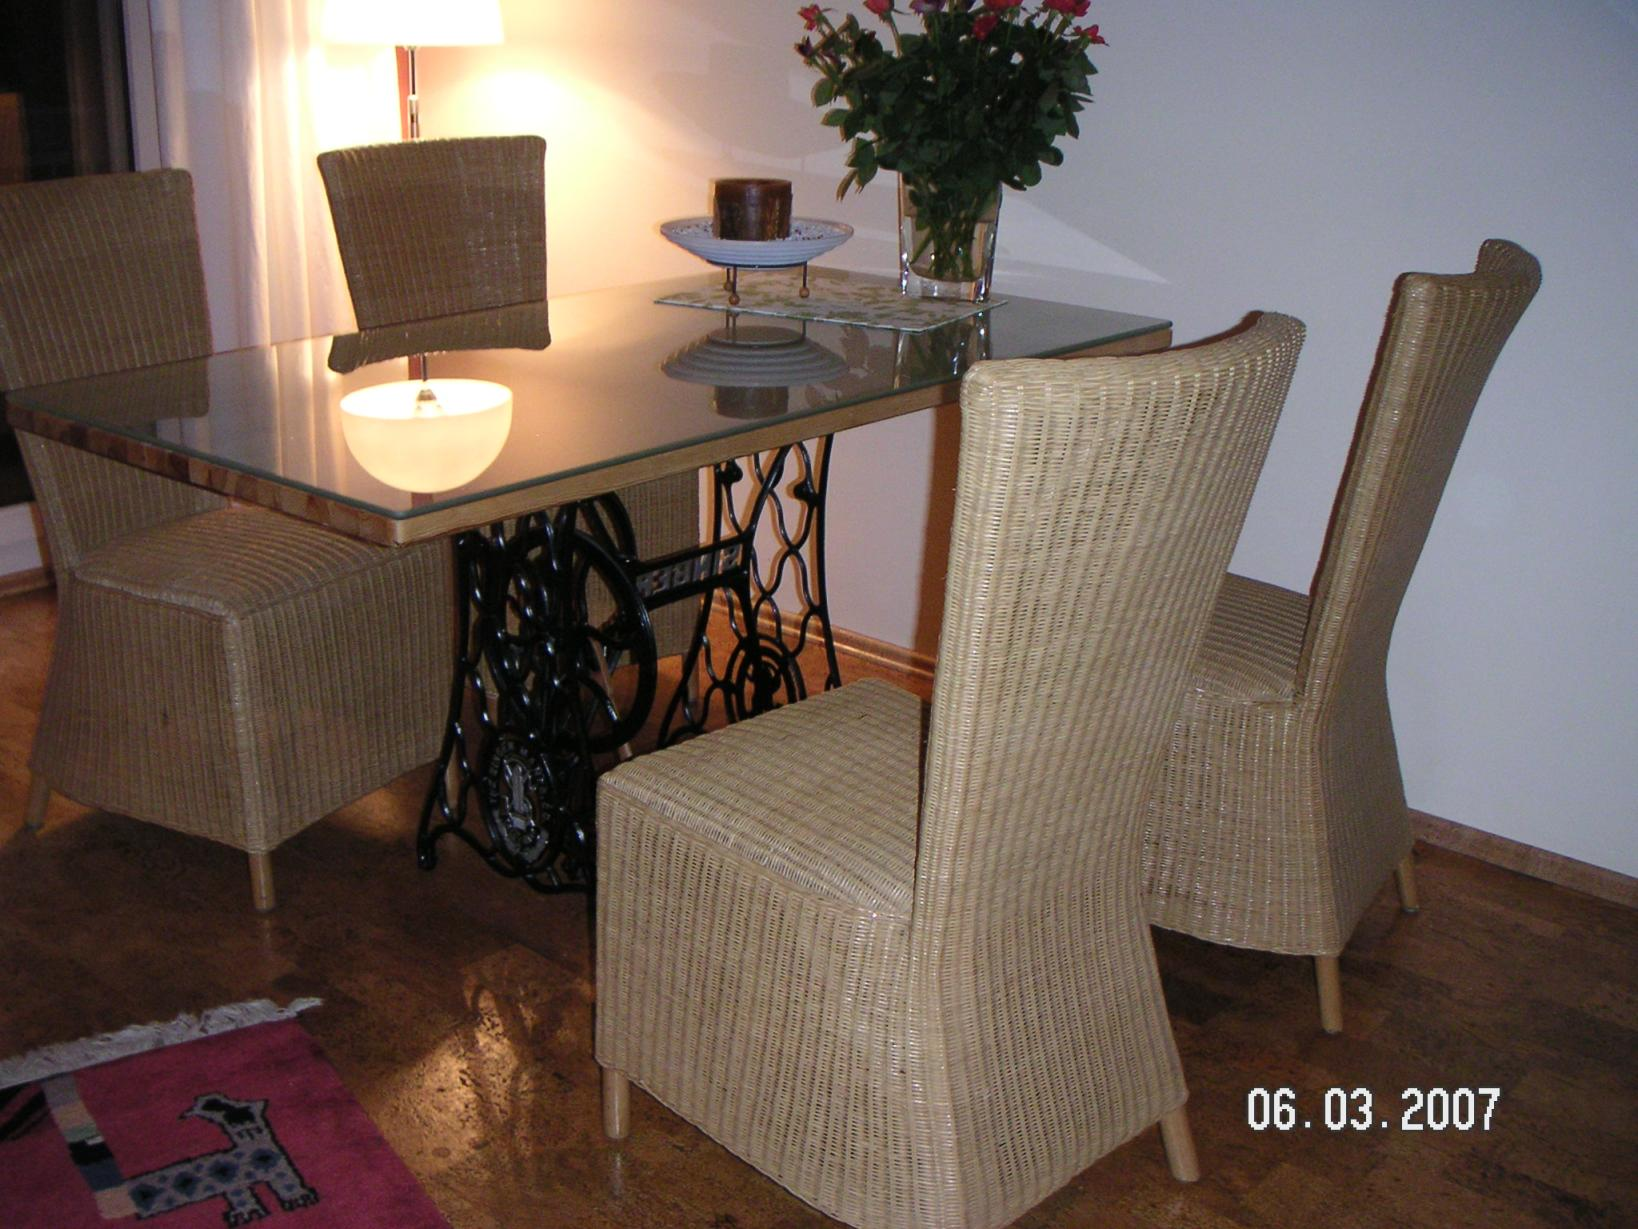 Sehr Schöner Esstisch Korbstühle Möbel Haushalt Speisezimmer Eßecke